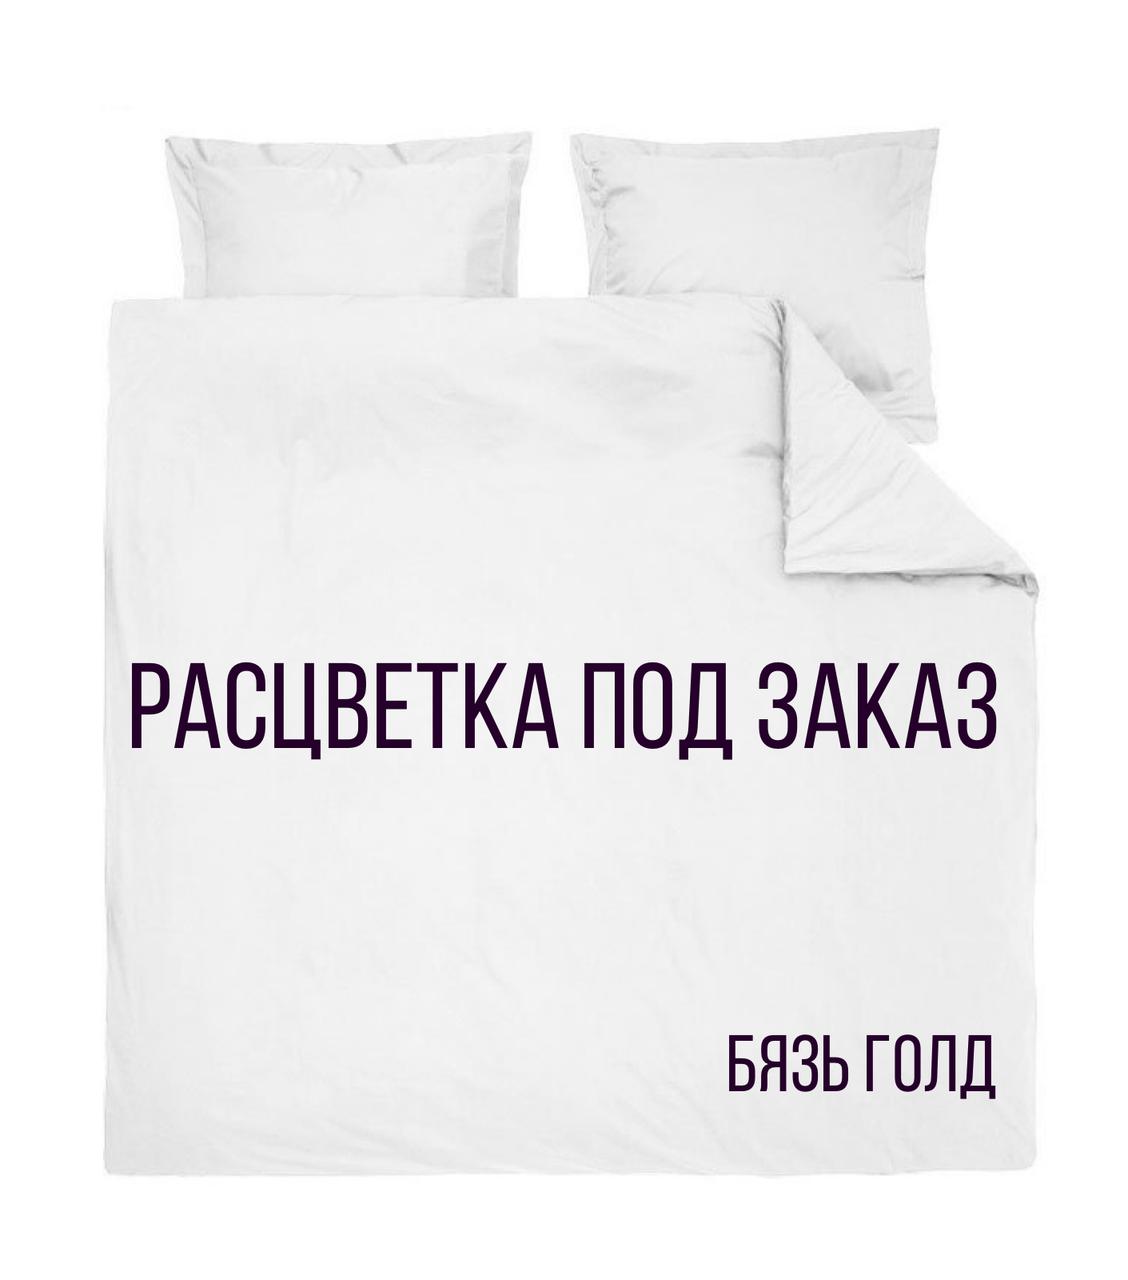 Комплект постельного белья с простыней на резинке под заказ из бязиГолд